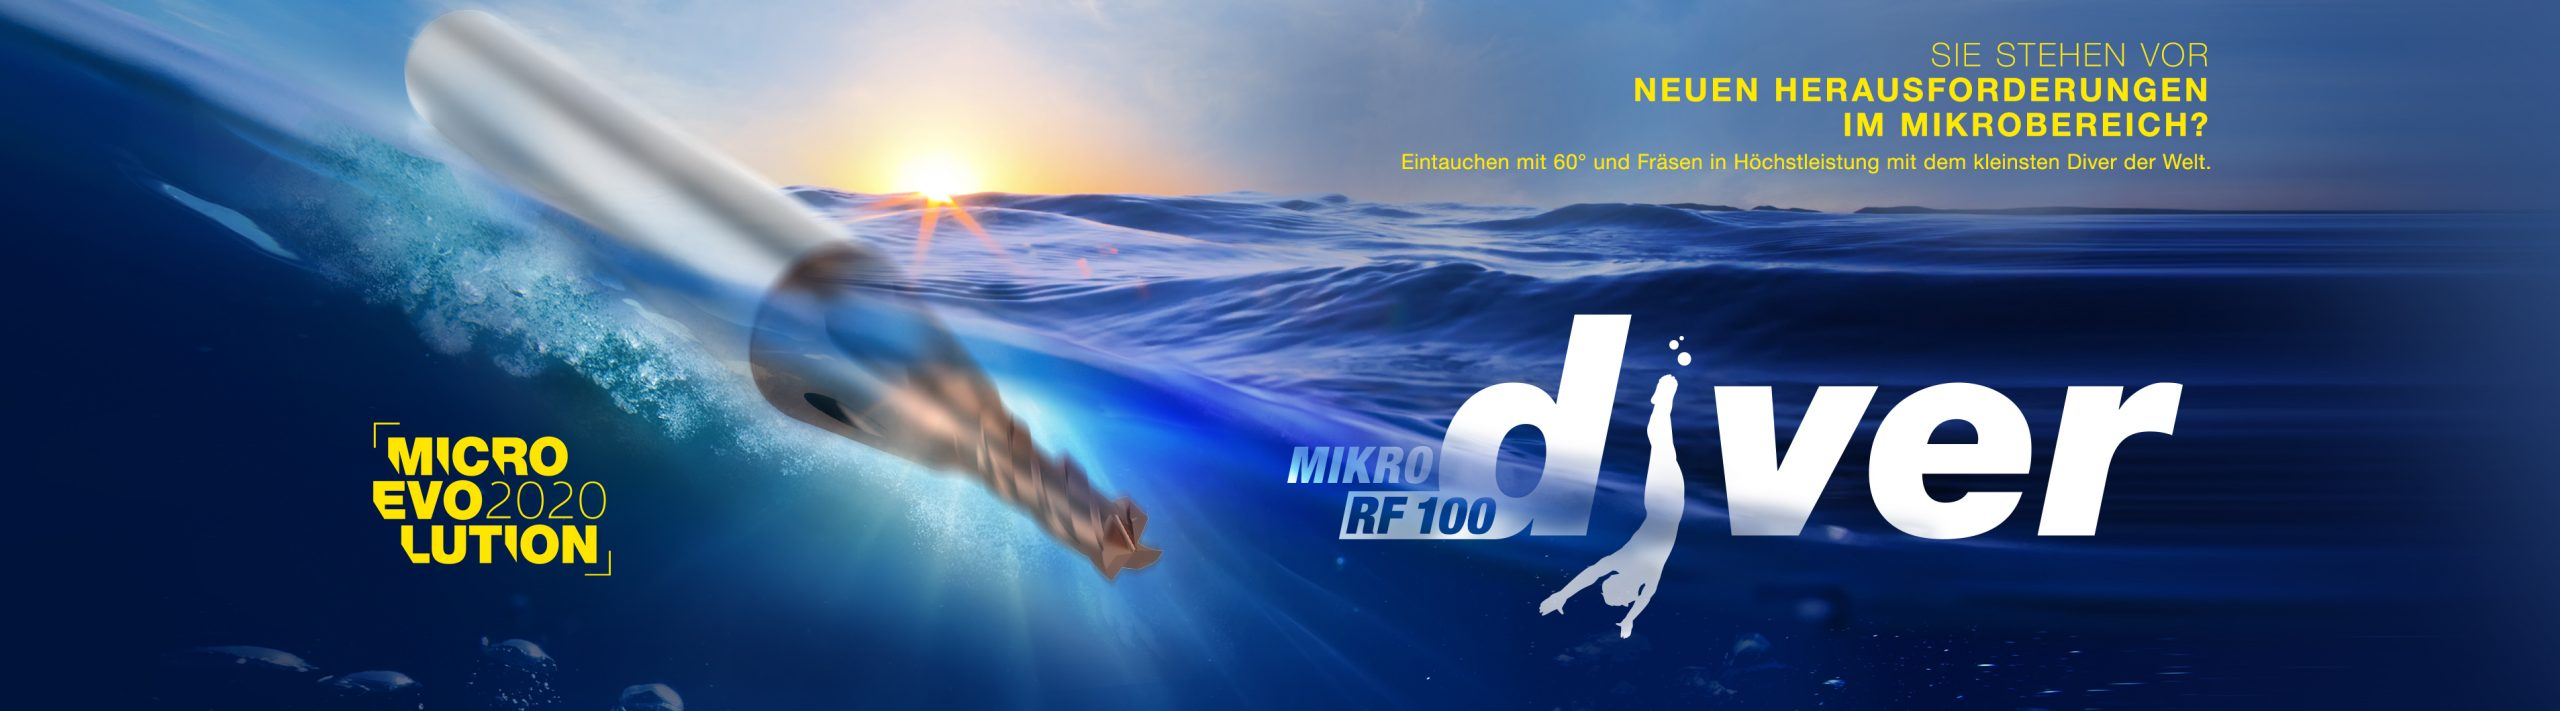 MIKRODIVER RF 100